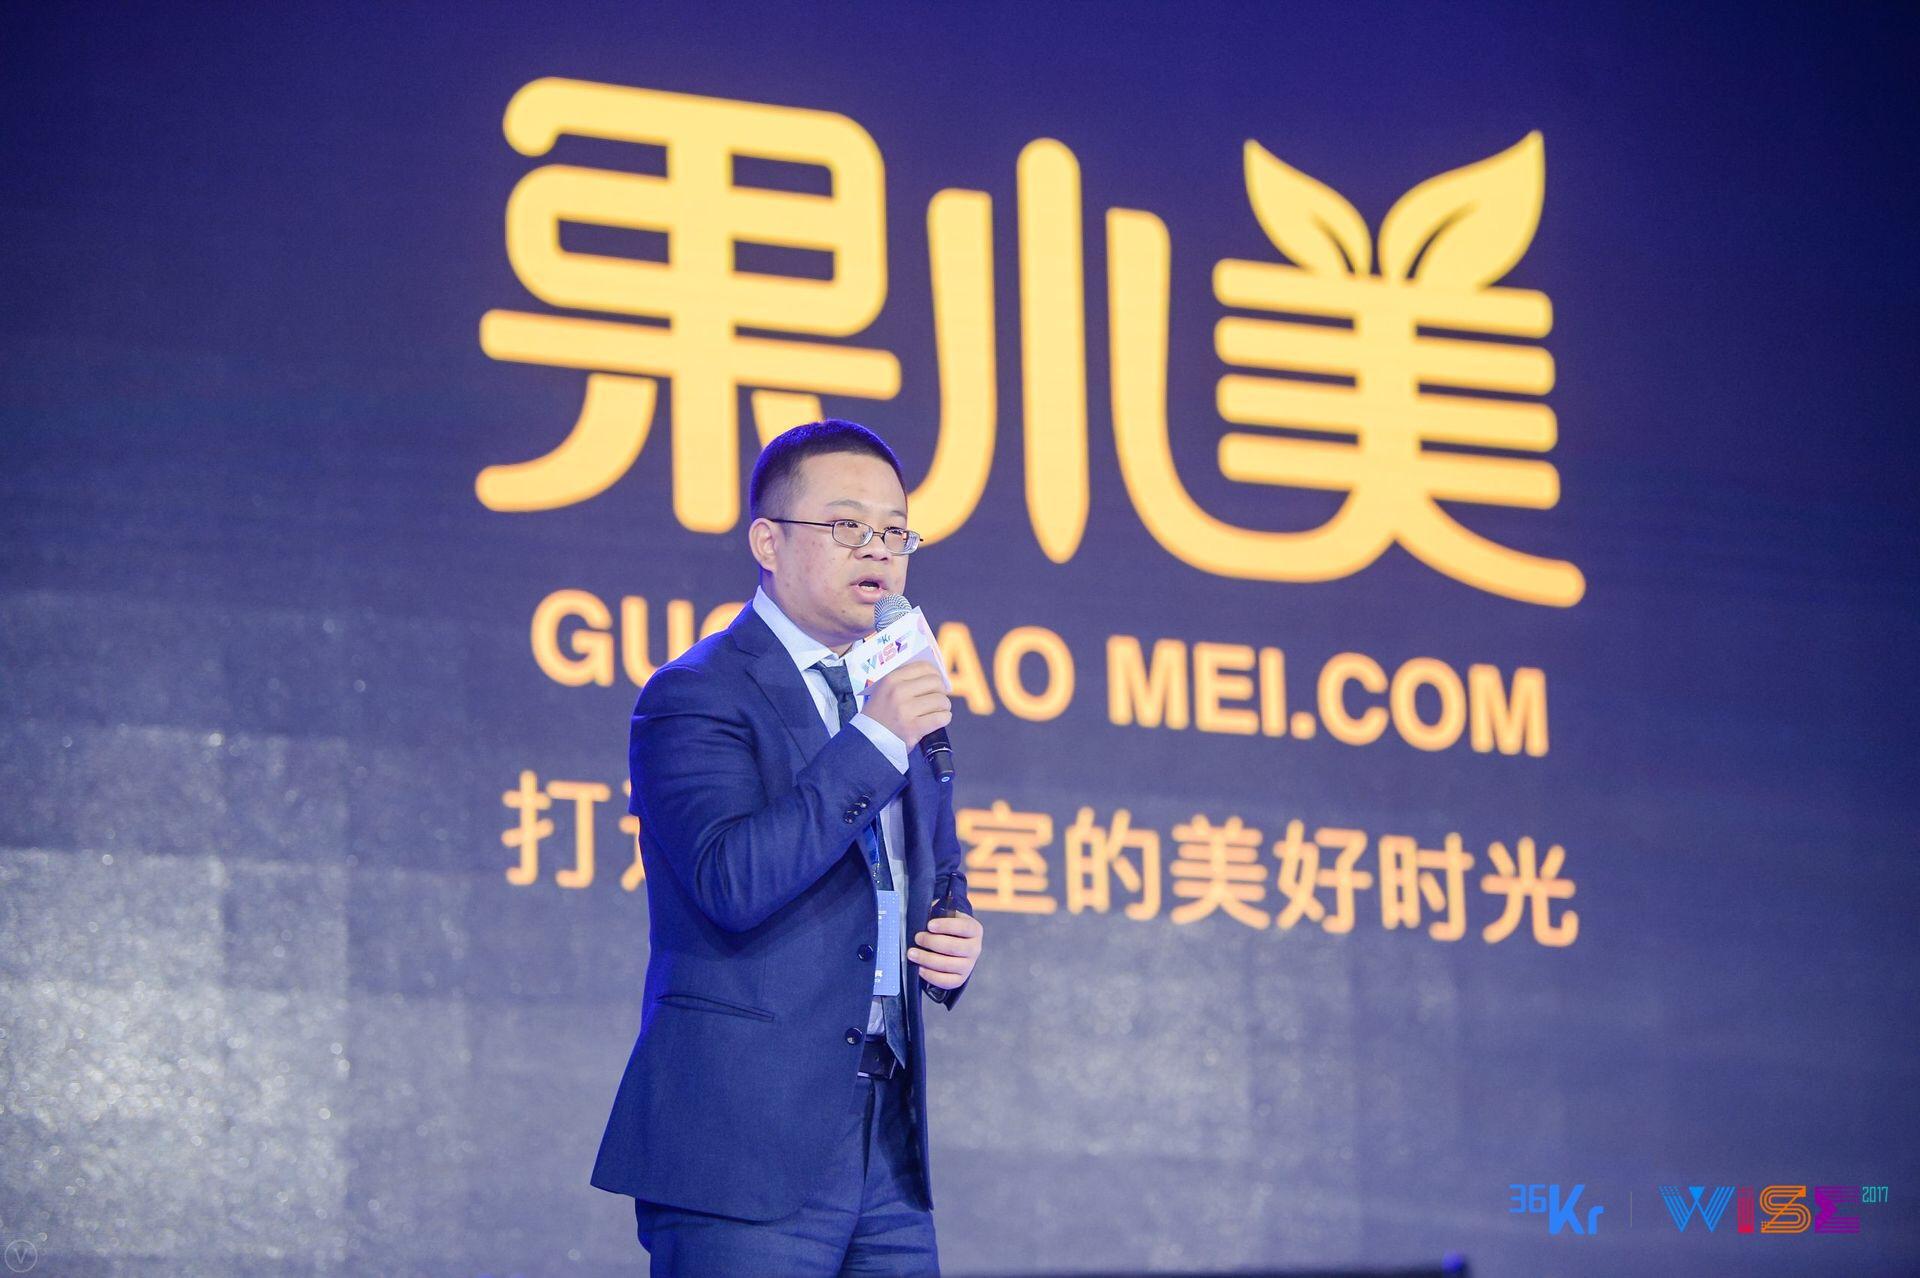 百鲲社|果小美获得祥峰投资领投5000万美元C1轮融资,累计融资金额超过5亿人民币